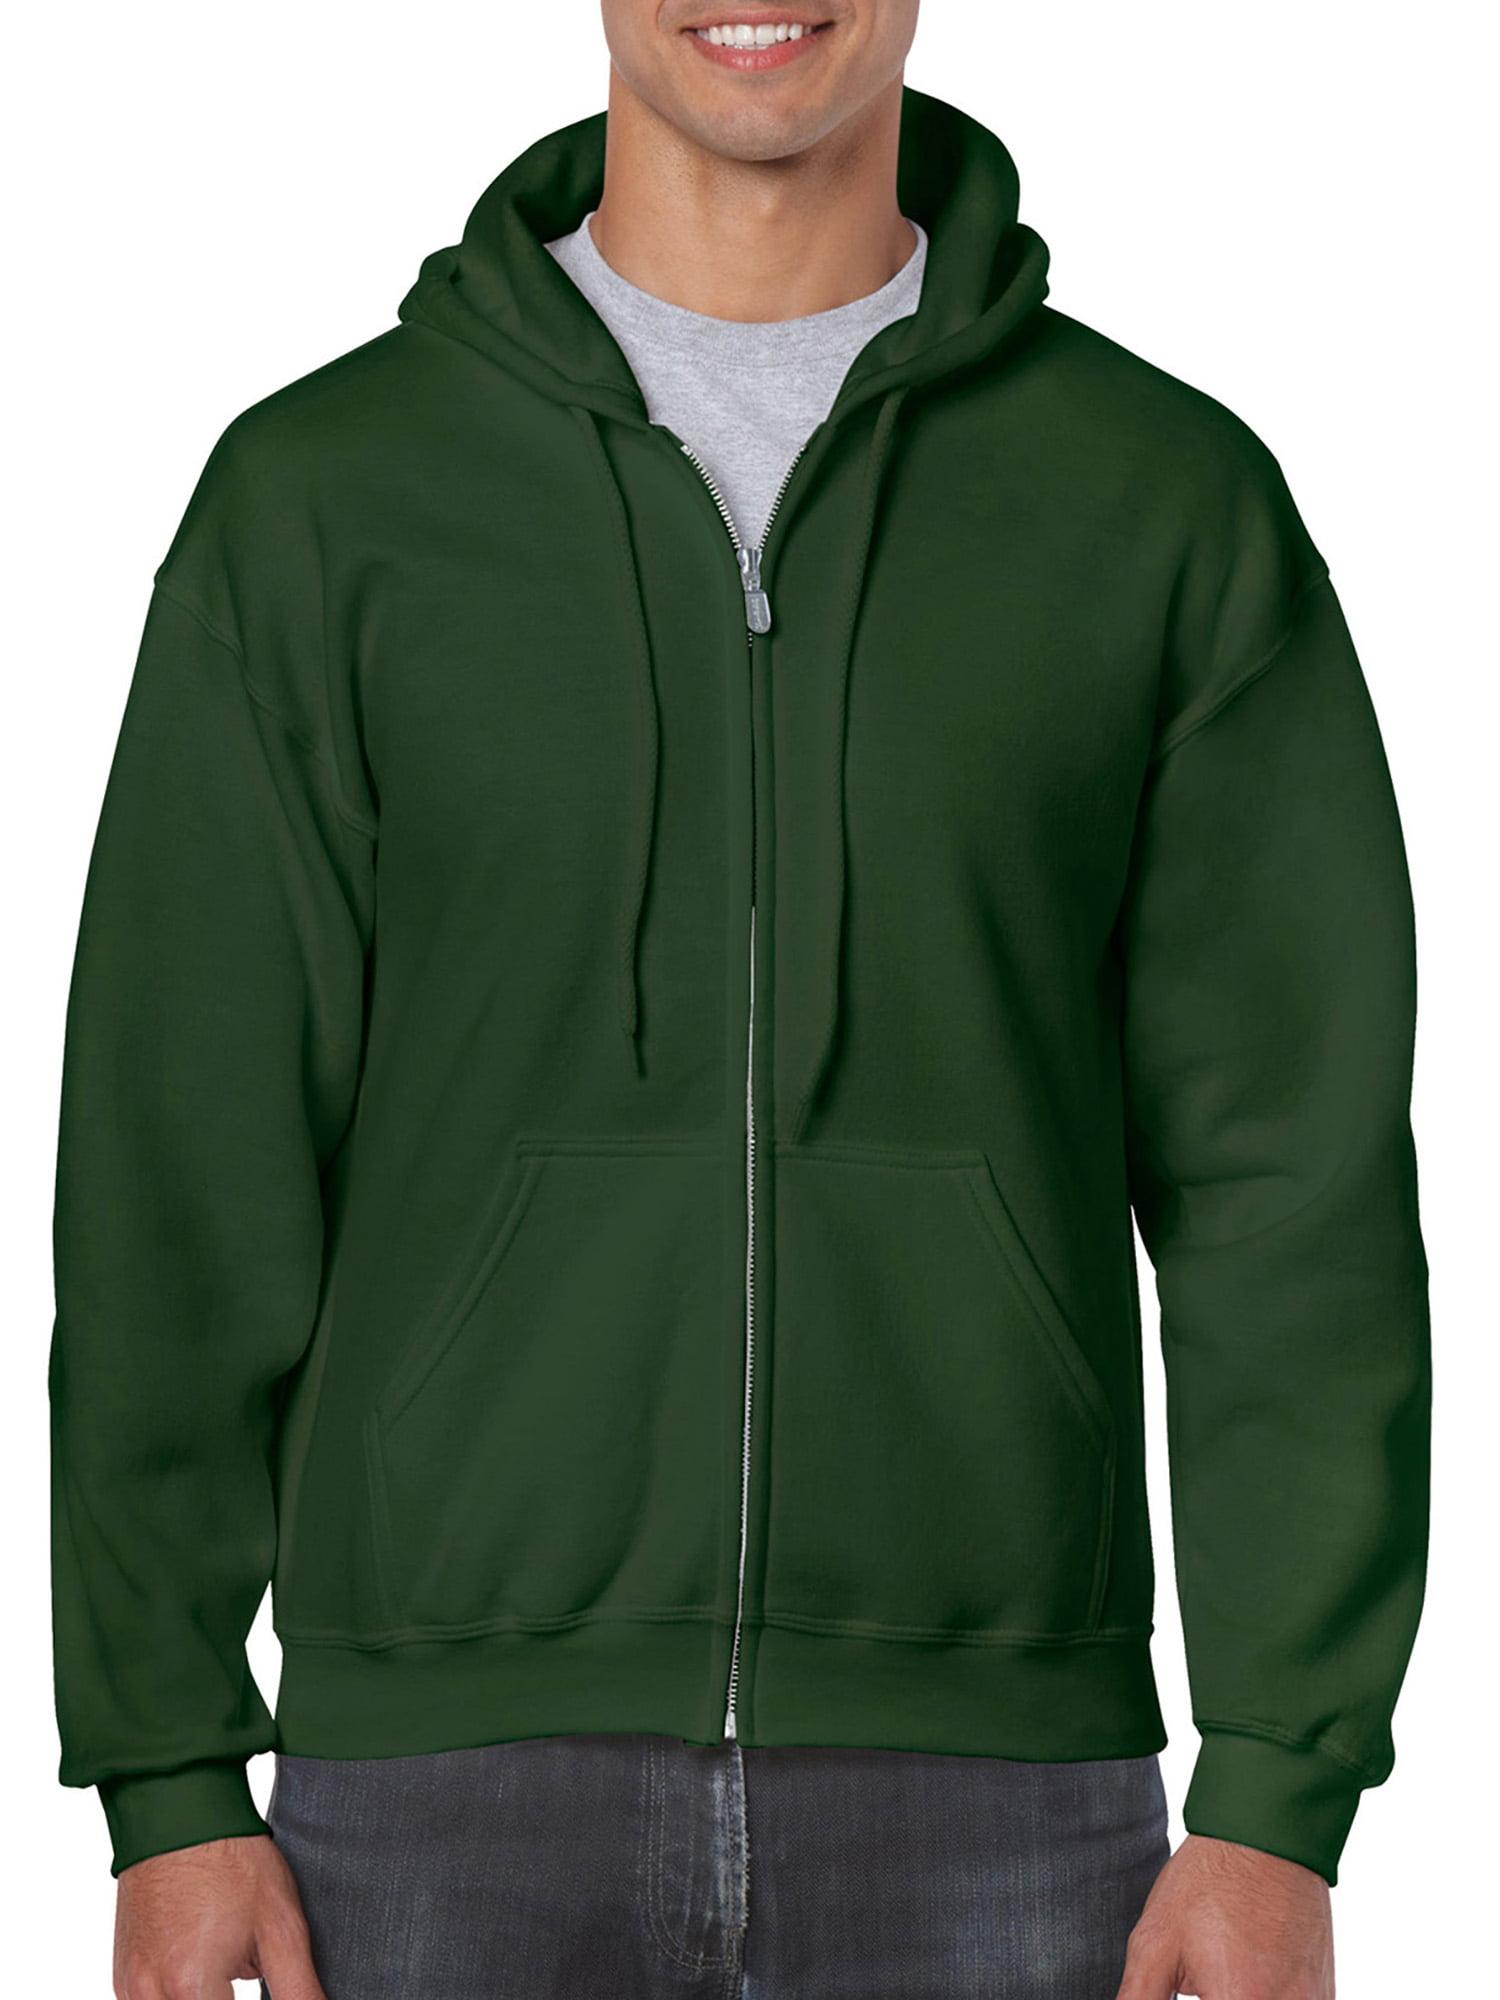 Big Men's Full Zip Hooded Sweatshirt